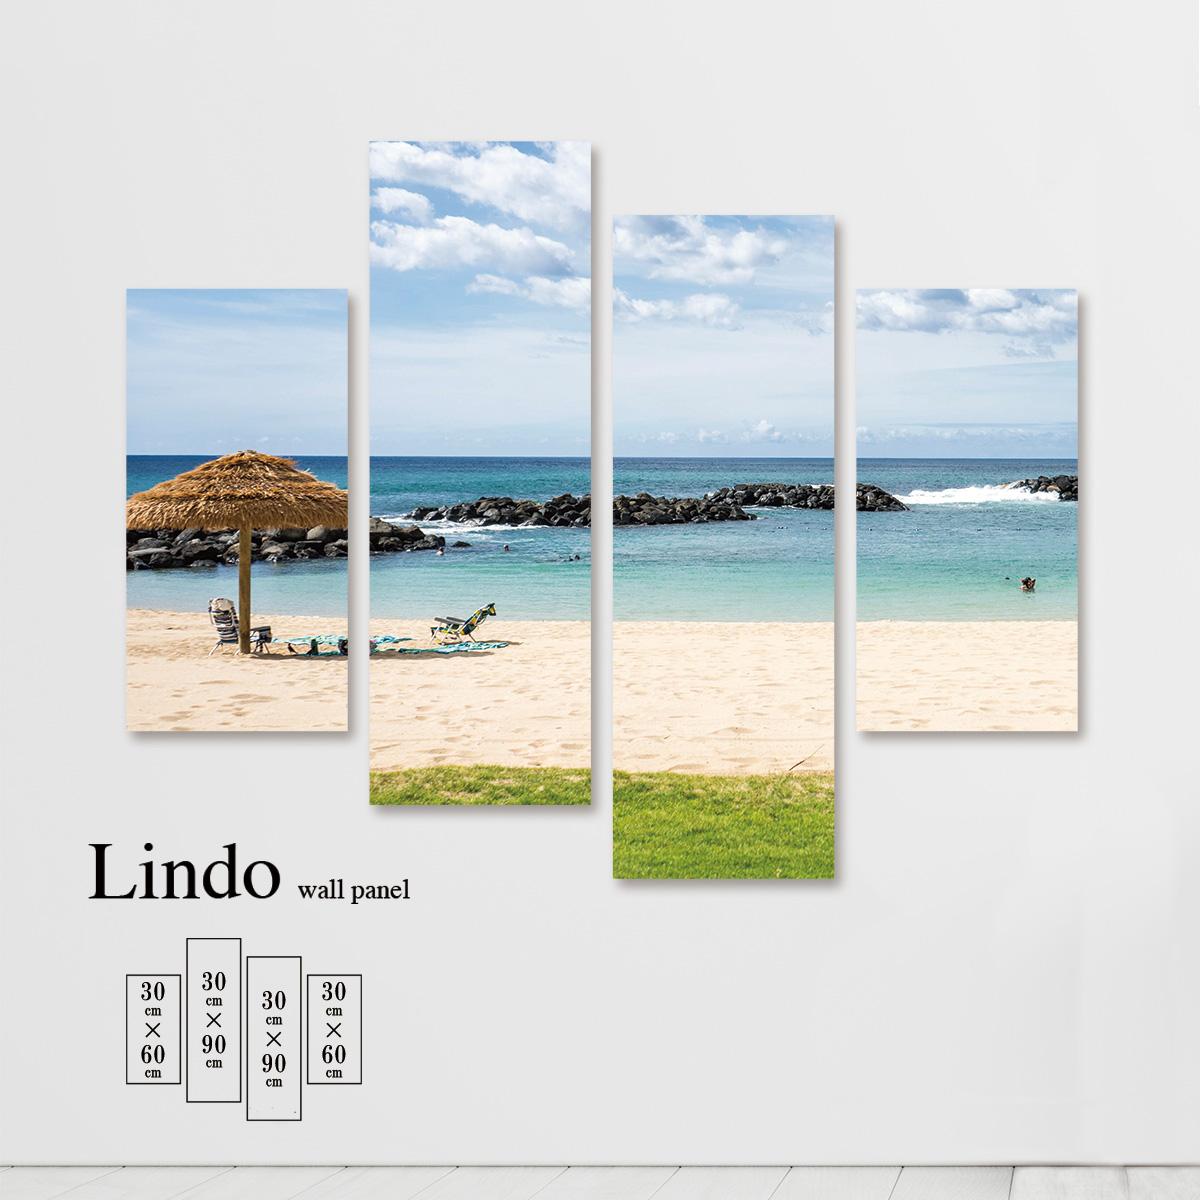 アートパネル 海 海面 海岸 浜辺 ビーチ 風景 景色 砂浜 空 壁掛け 北欧 お洒落 デザイン ファブリック 壁飾り アートボード 4枚パネル